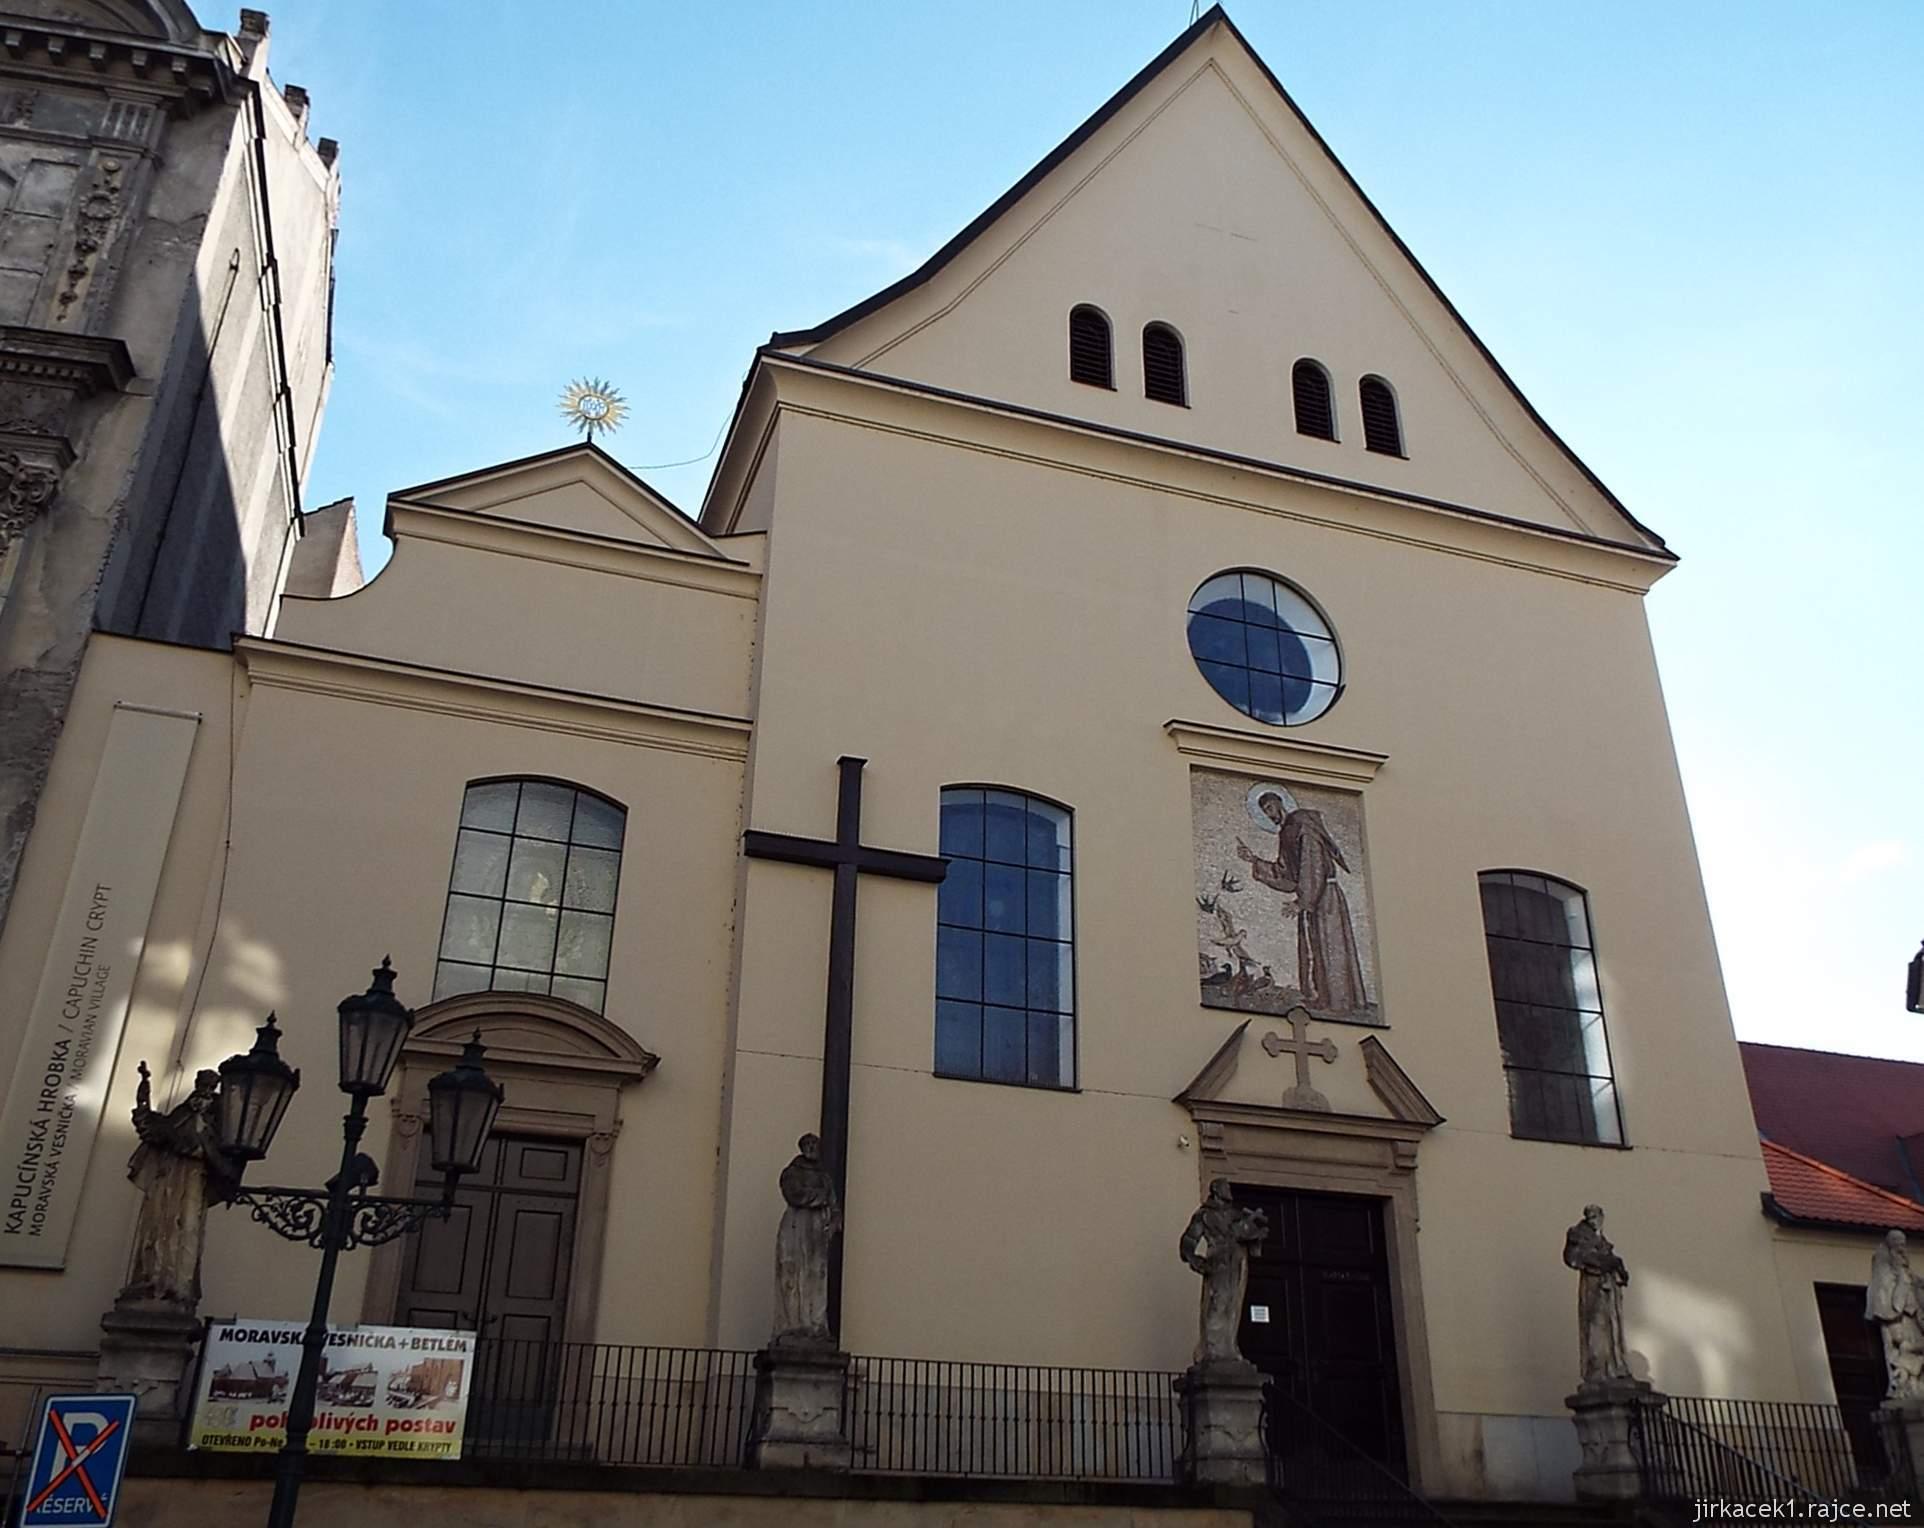 Brno - Kostel Nalezení sv. Kříže a kapucínská hrobka